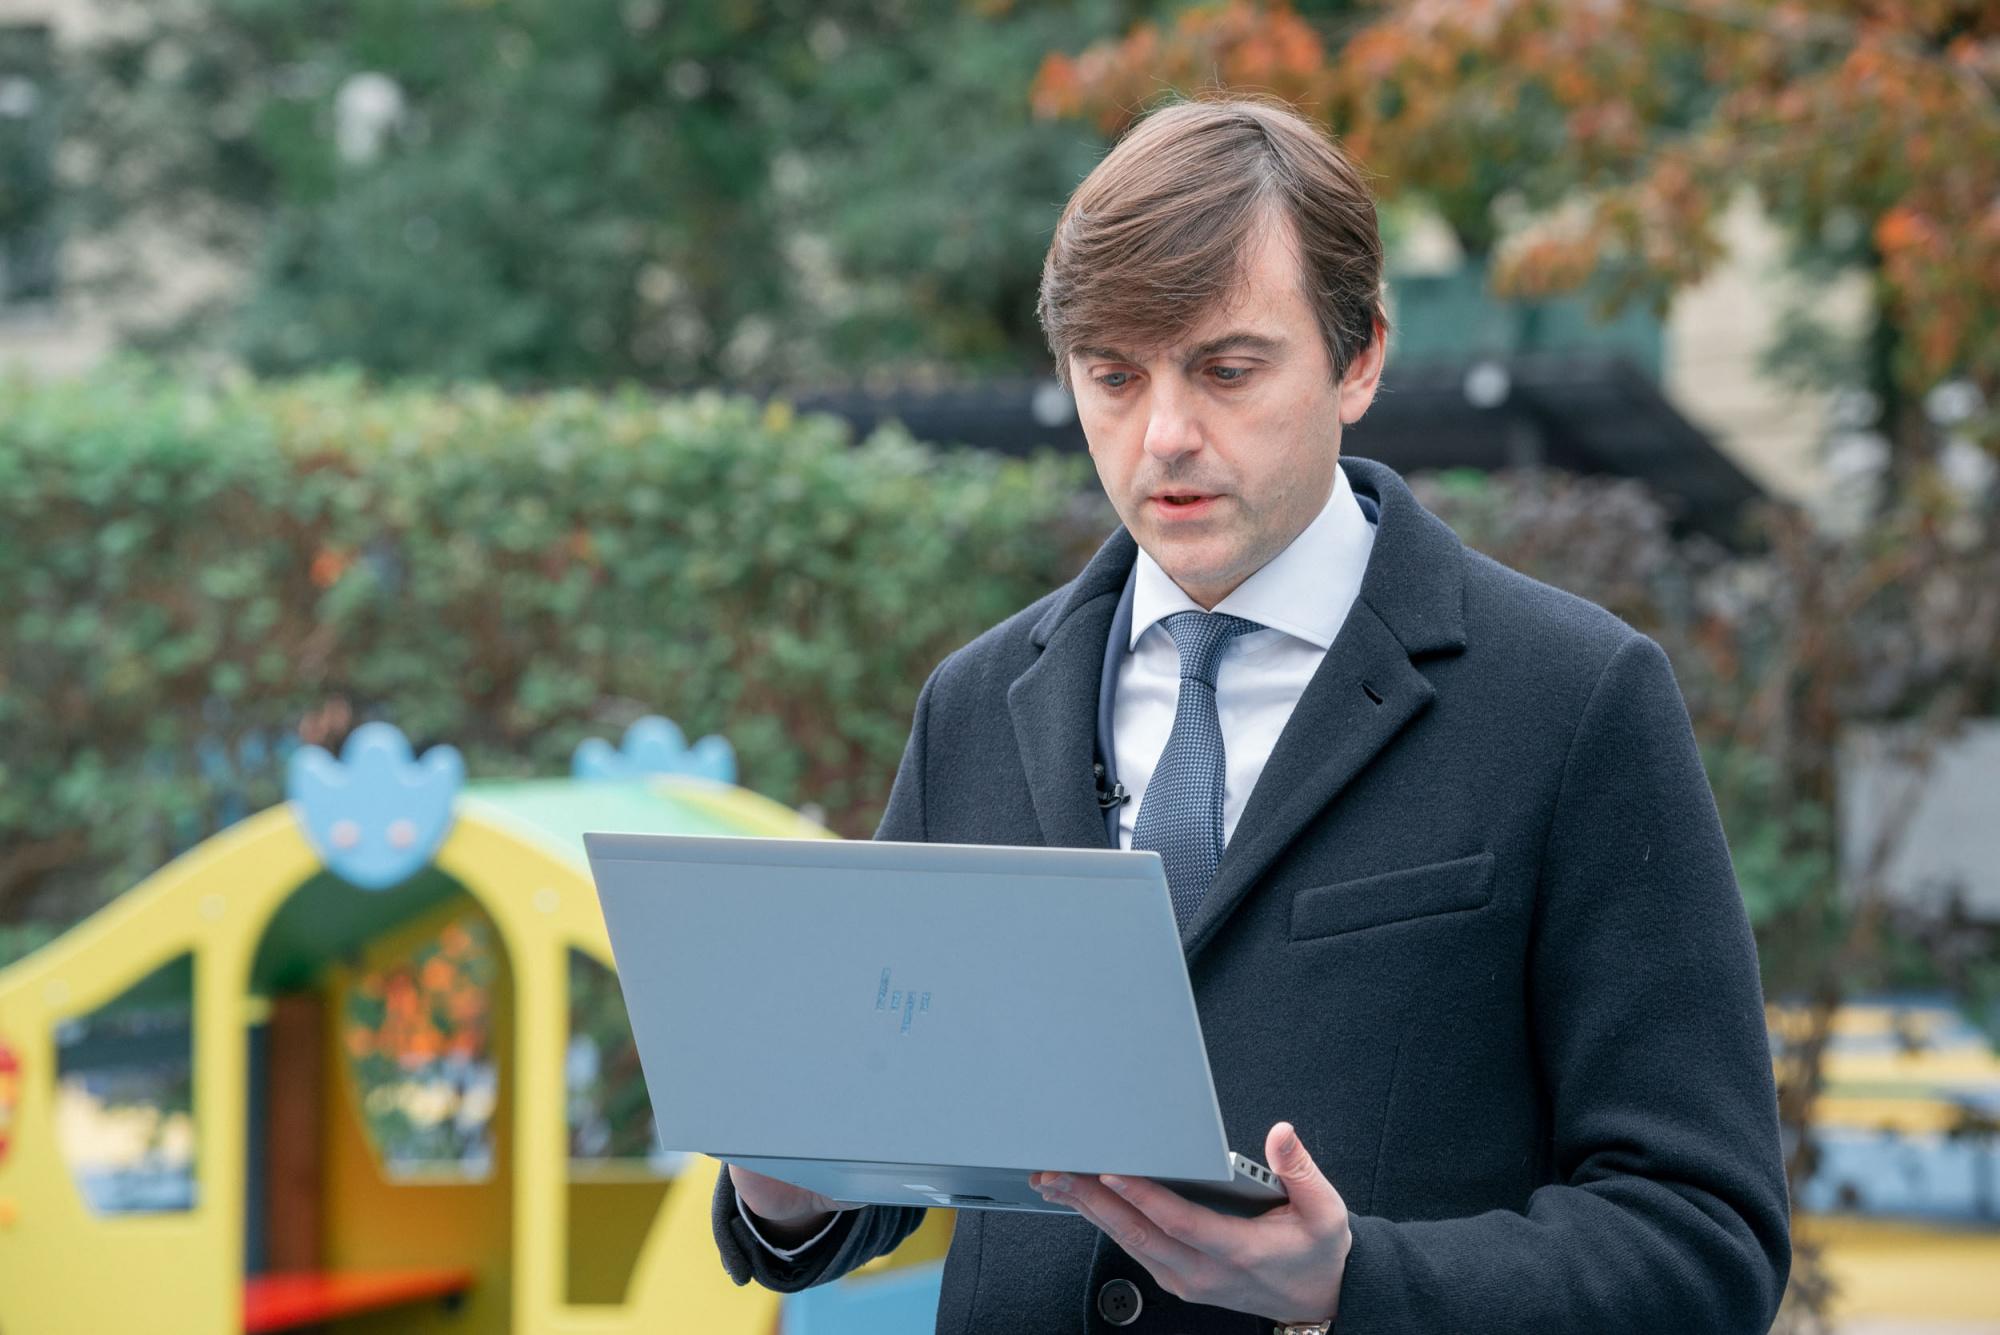 Глава министерства просвещения Сергей Кравцов принял участие в электронном голосовании